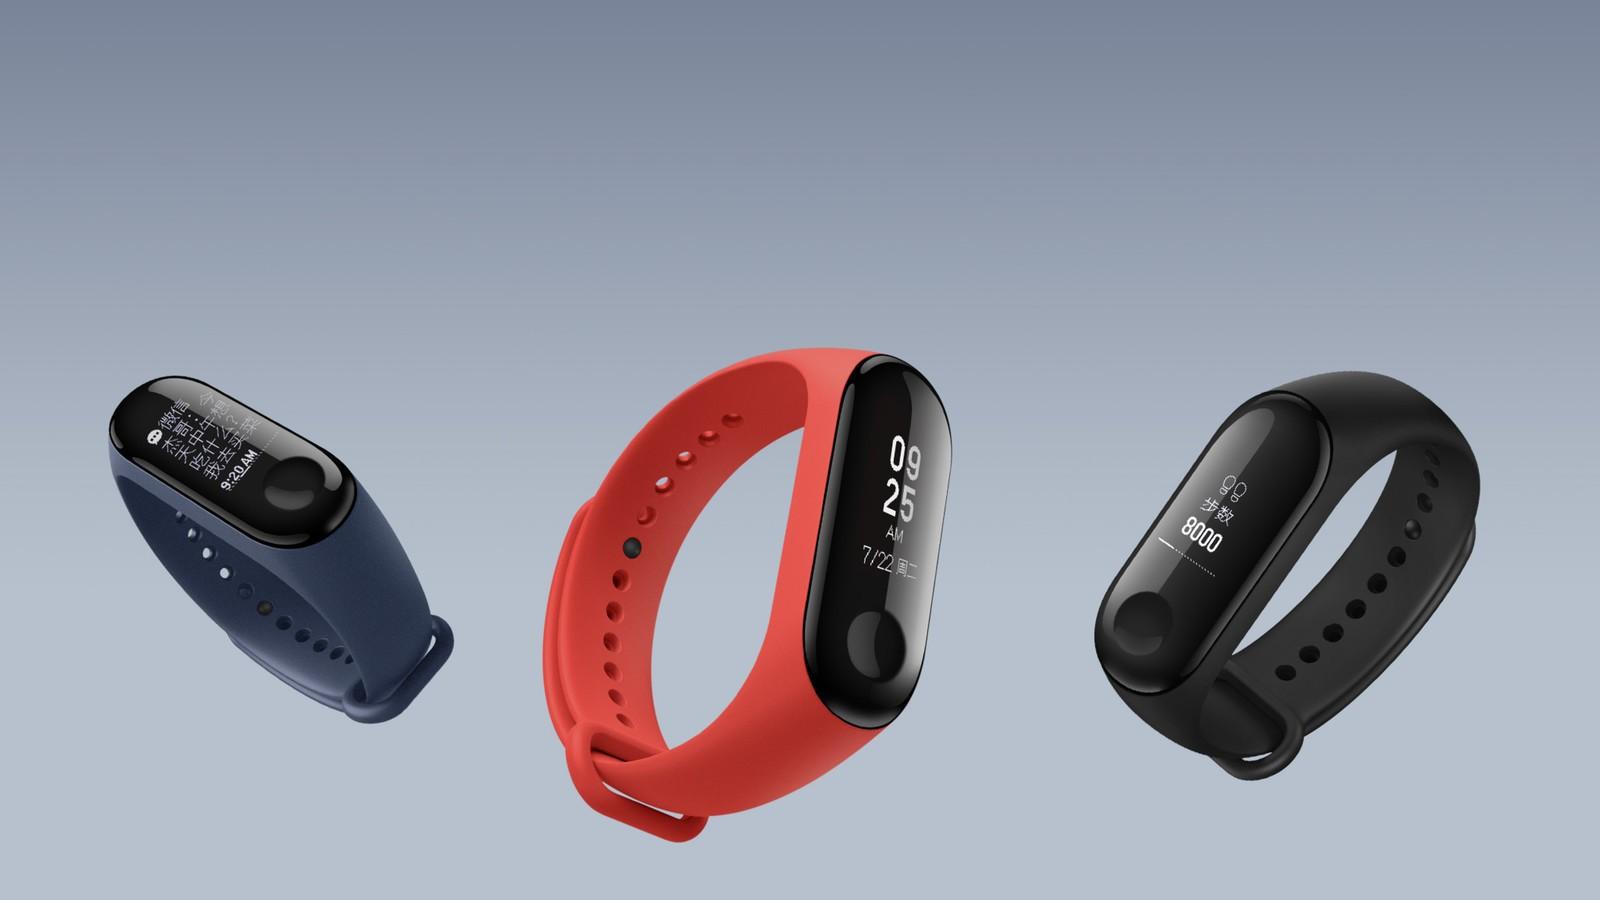 Xiaomi zdecydowanym liderem urządzeń naręcznych w Indiach